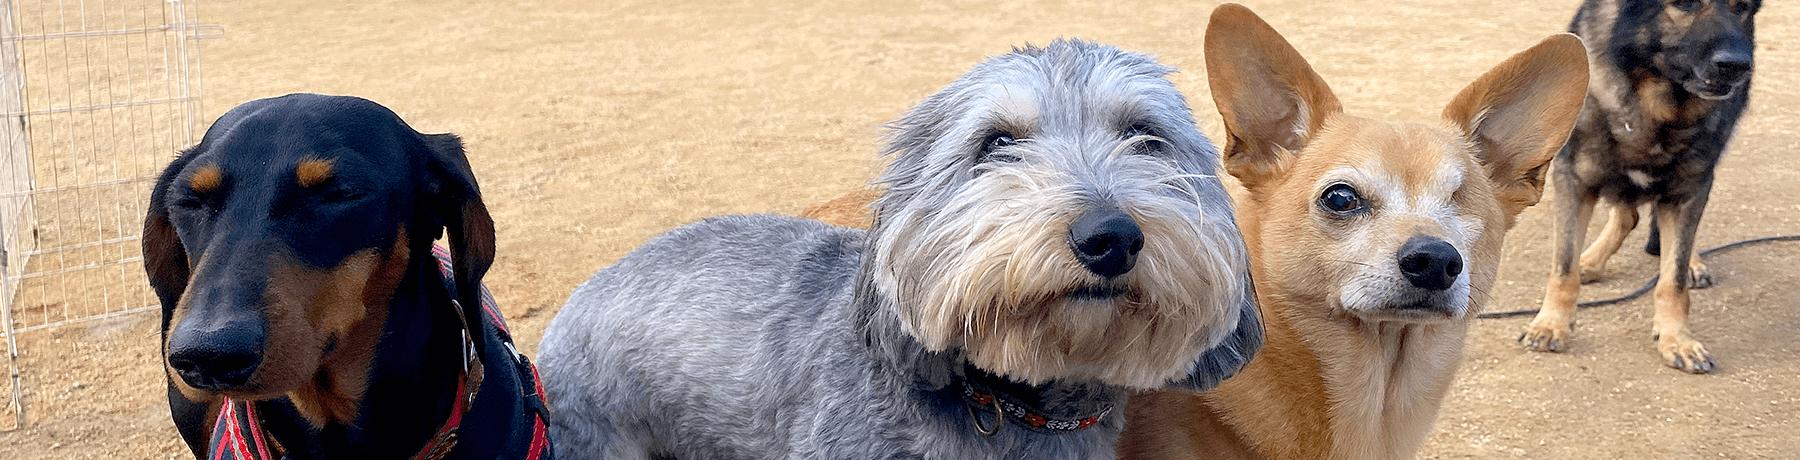 お問い合わせ|茨城県つくば市の犬のしつけ・訓練・トレーニングなら「ドッグスクール山口」